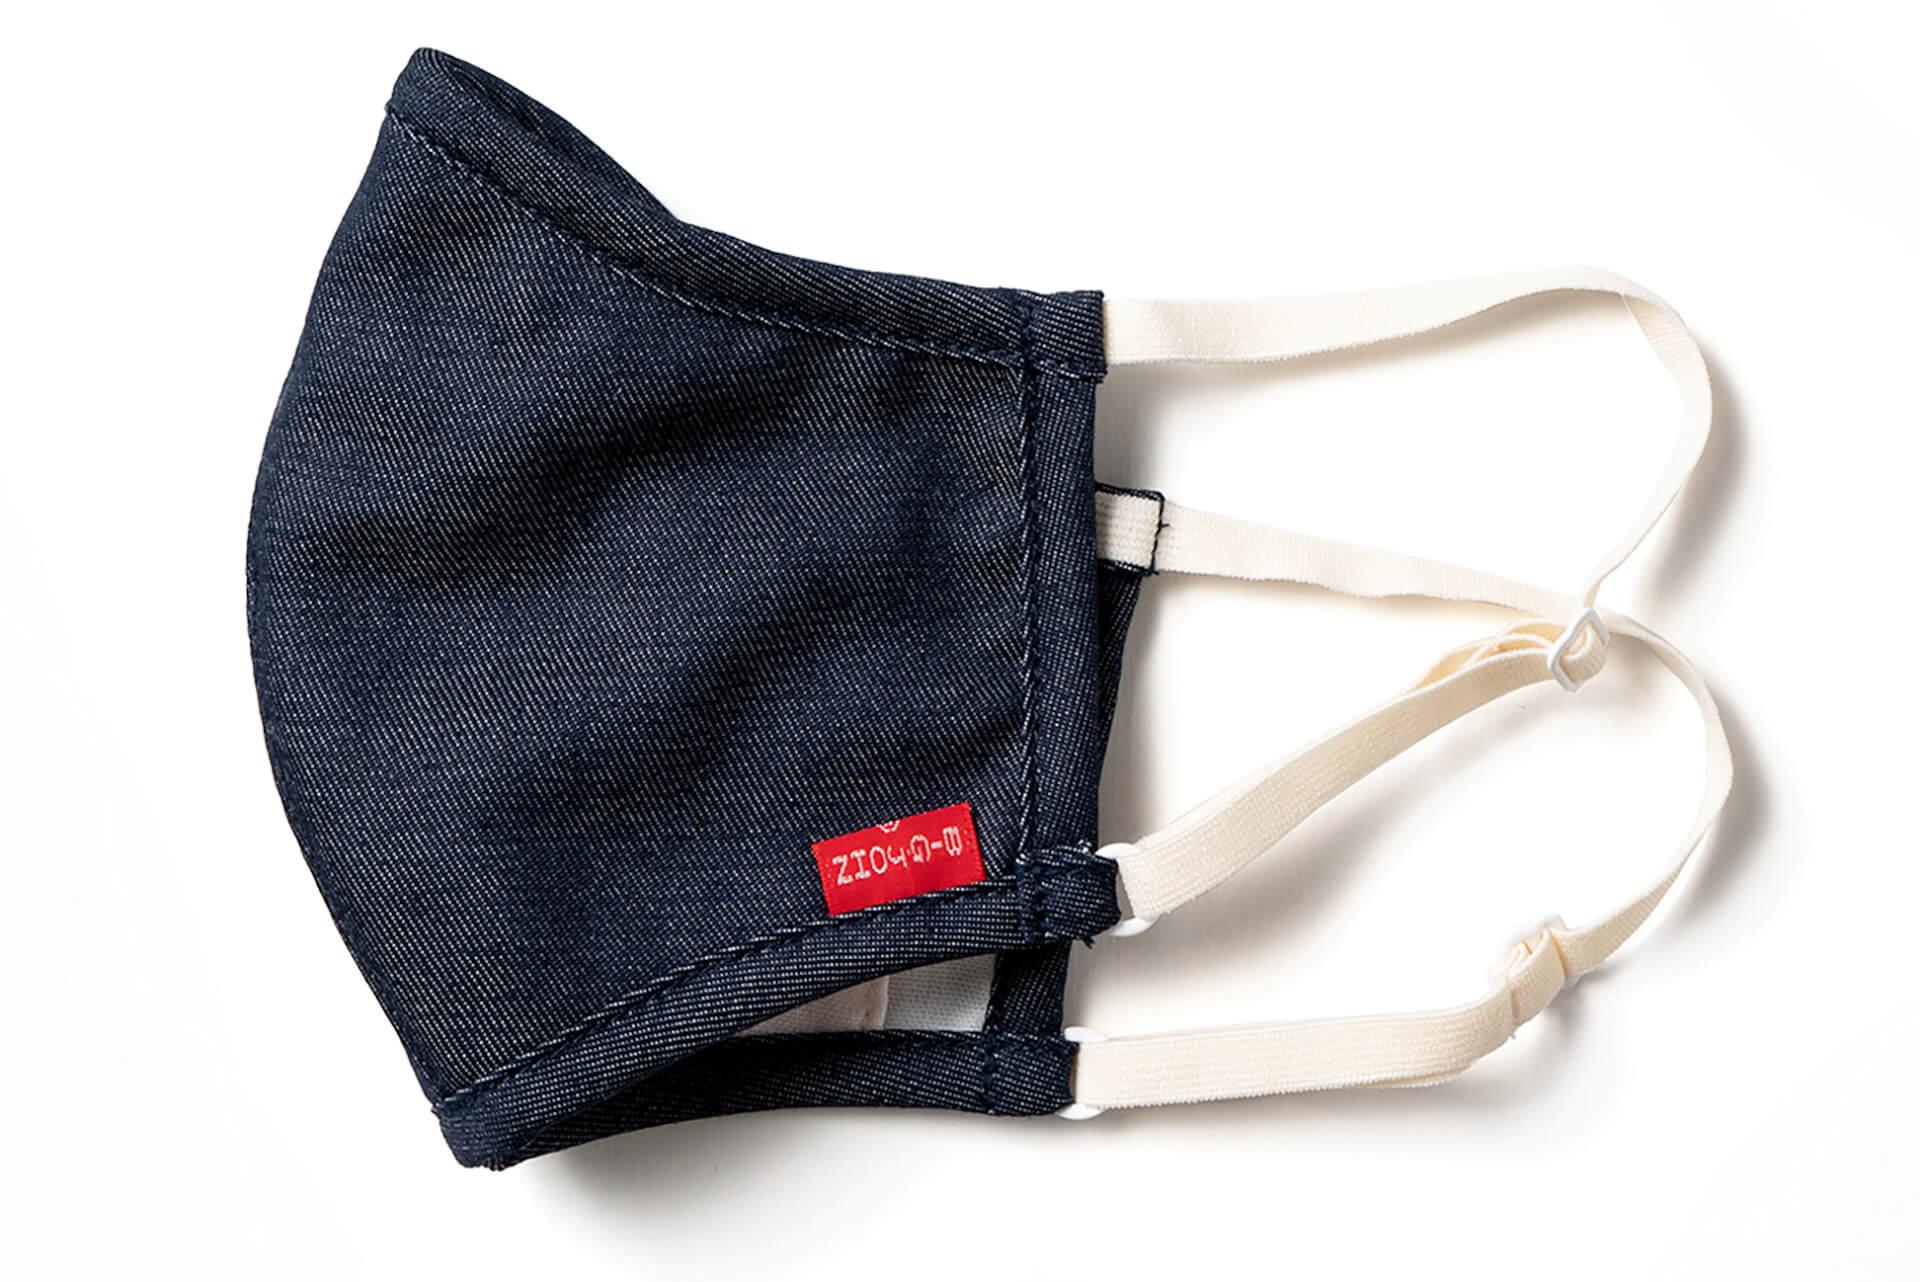 デニムブランド・ビッグジョンから抗ウイルス性のフィルターポケット付きマスク『Washable Mask』が登場! fashion2020106_bigjhon_1